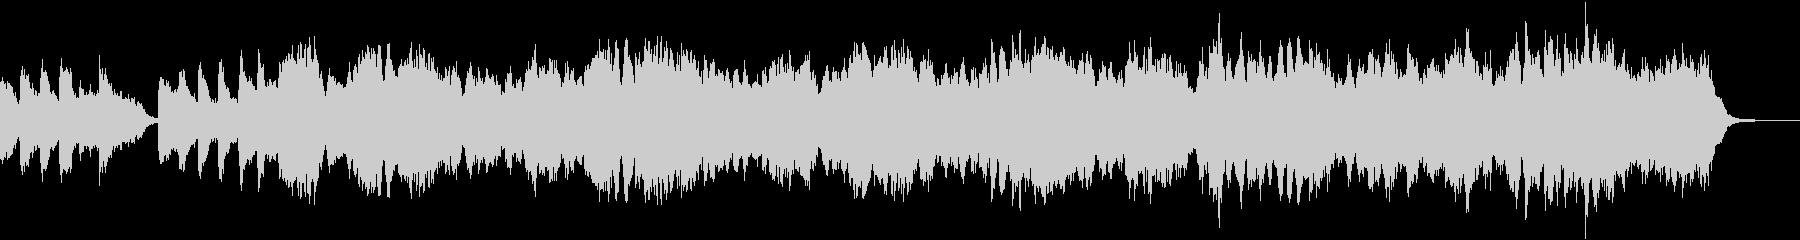 愛情たっぷりなフルートのBGMの未再生の波形